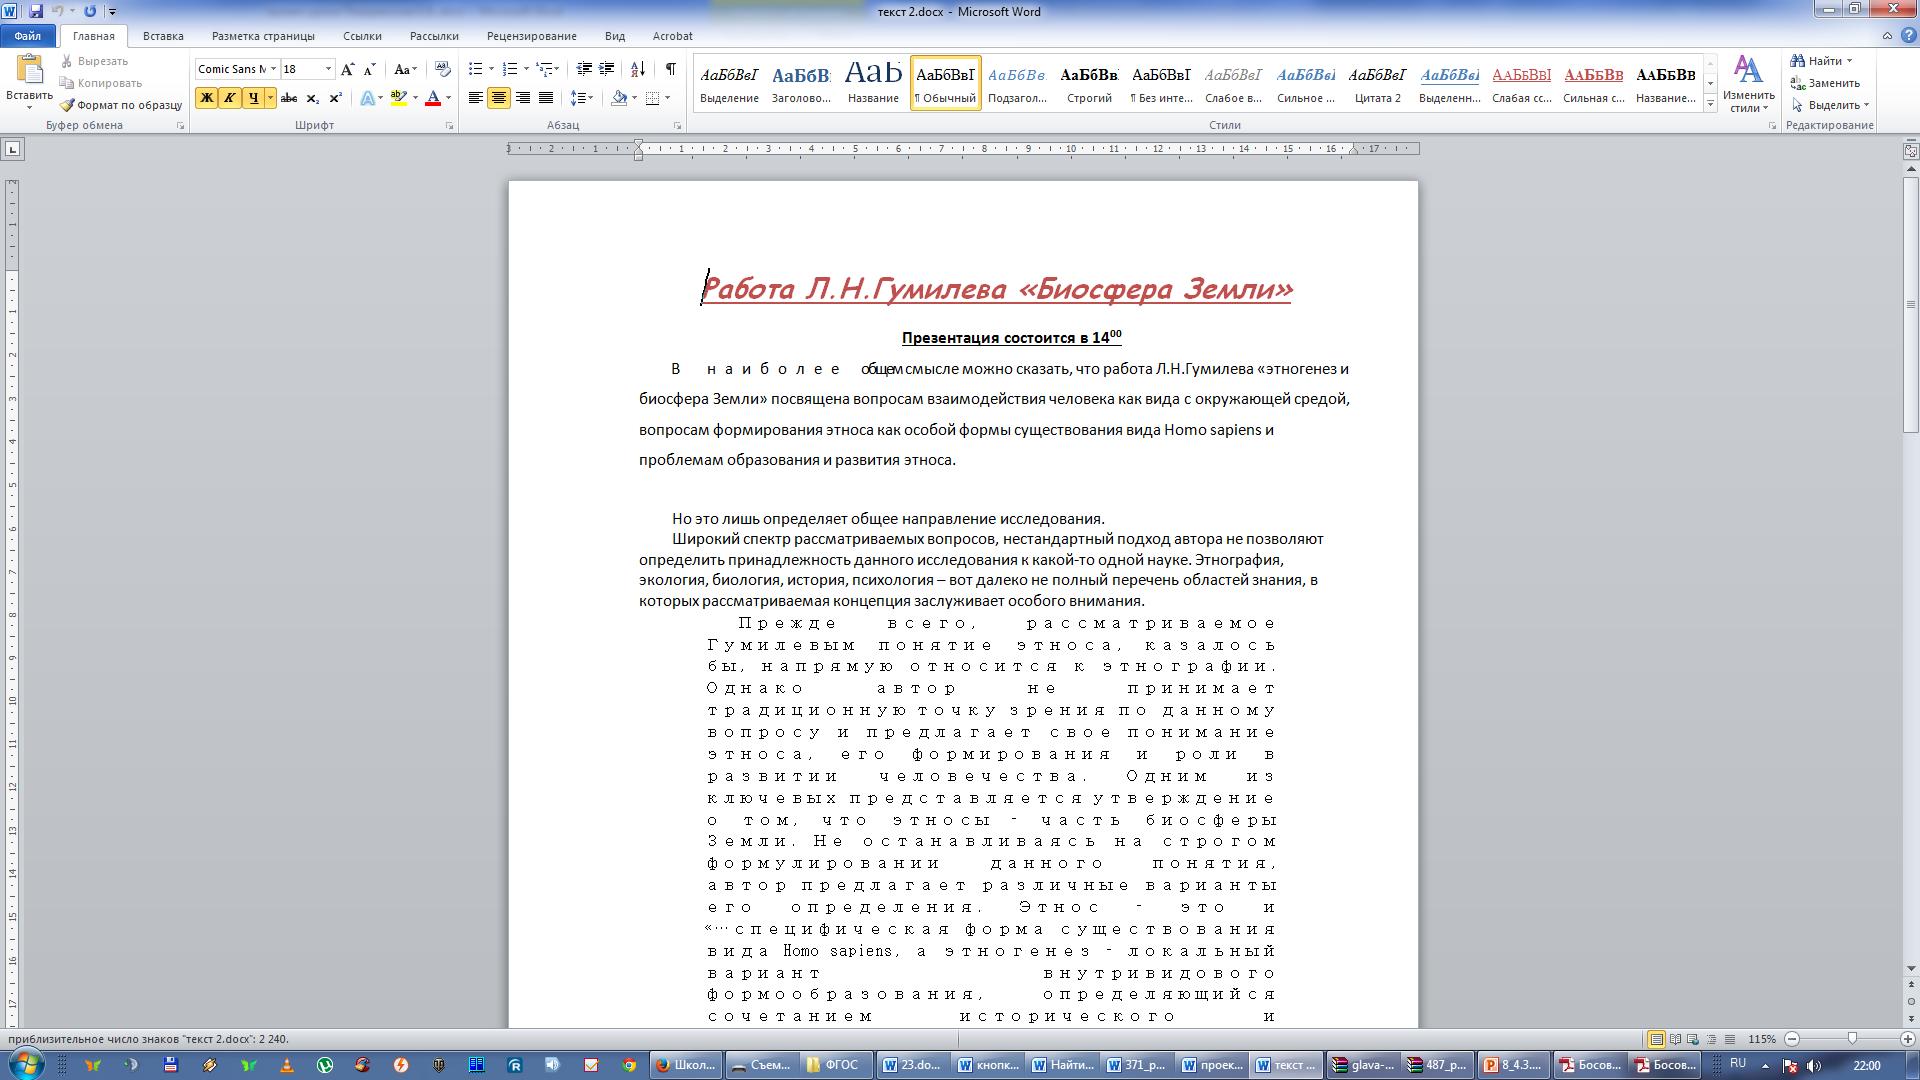 конспект урока по информатике редактирование текста угринович